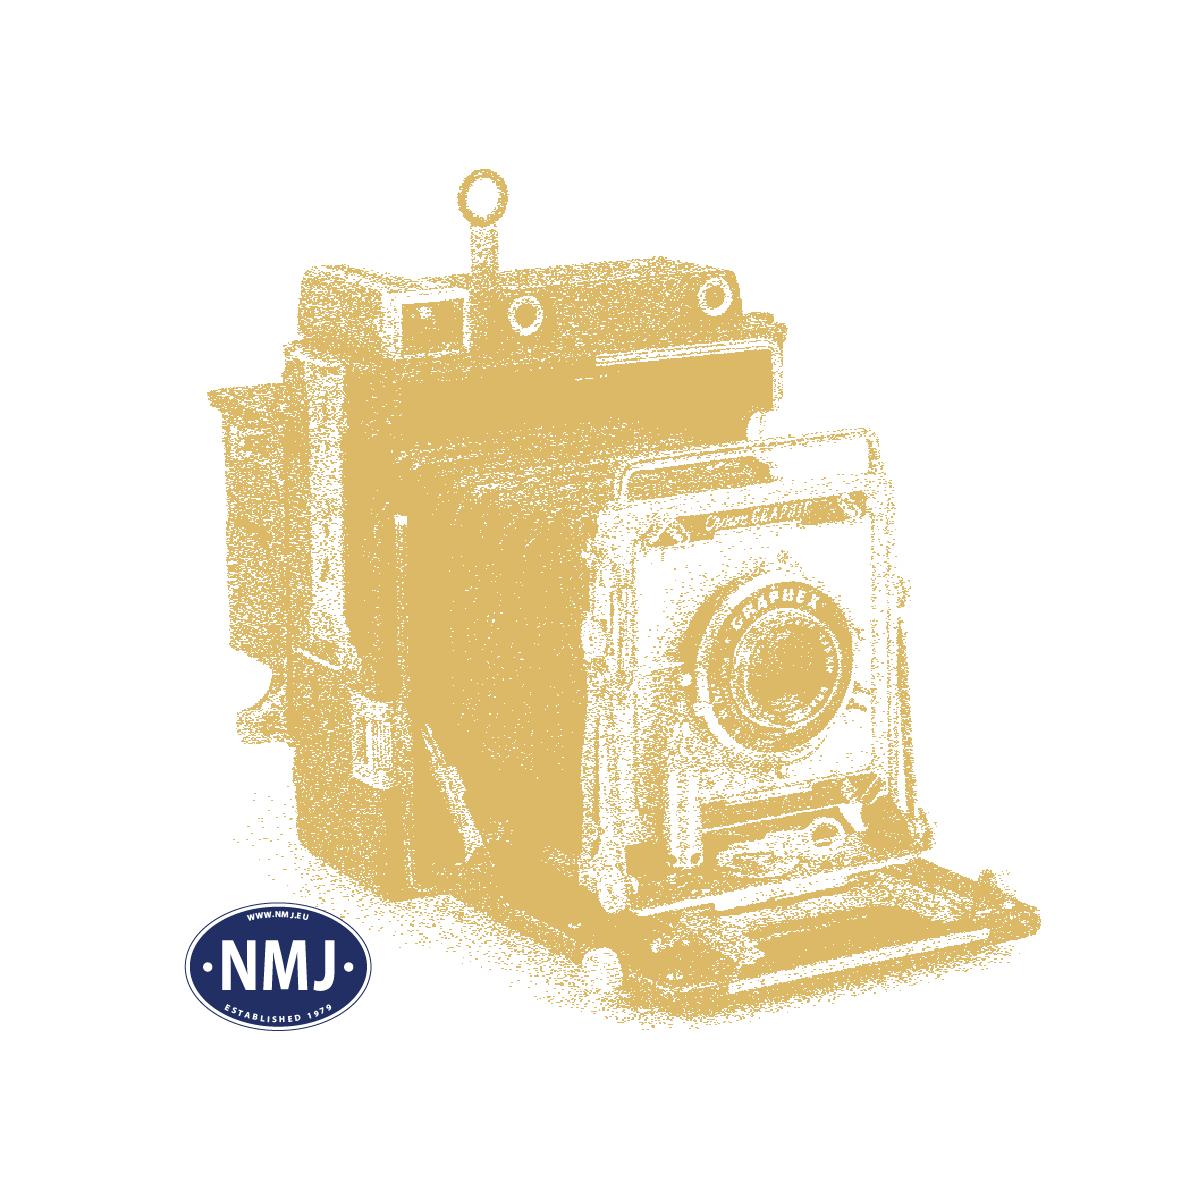 NMJ0TL3-2 - NMJ Superline Modell des Rungenwagens Tl3 14539 der NSB, Spur 0